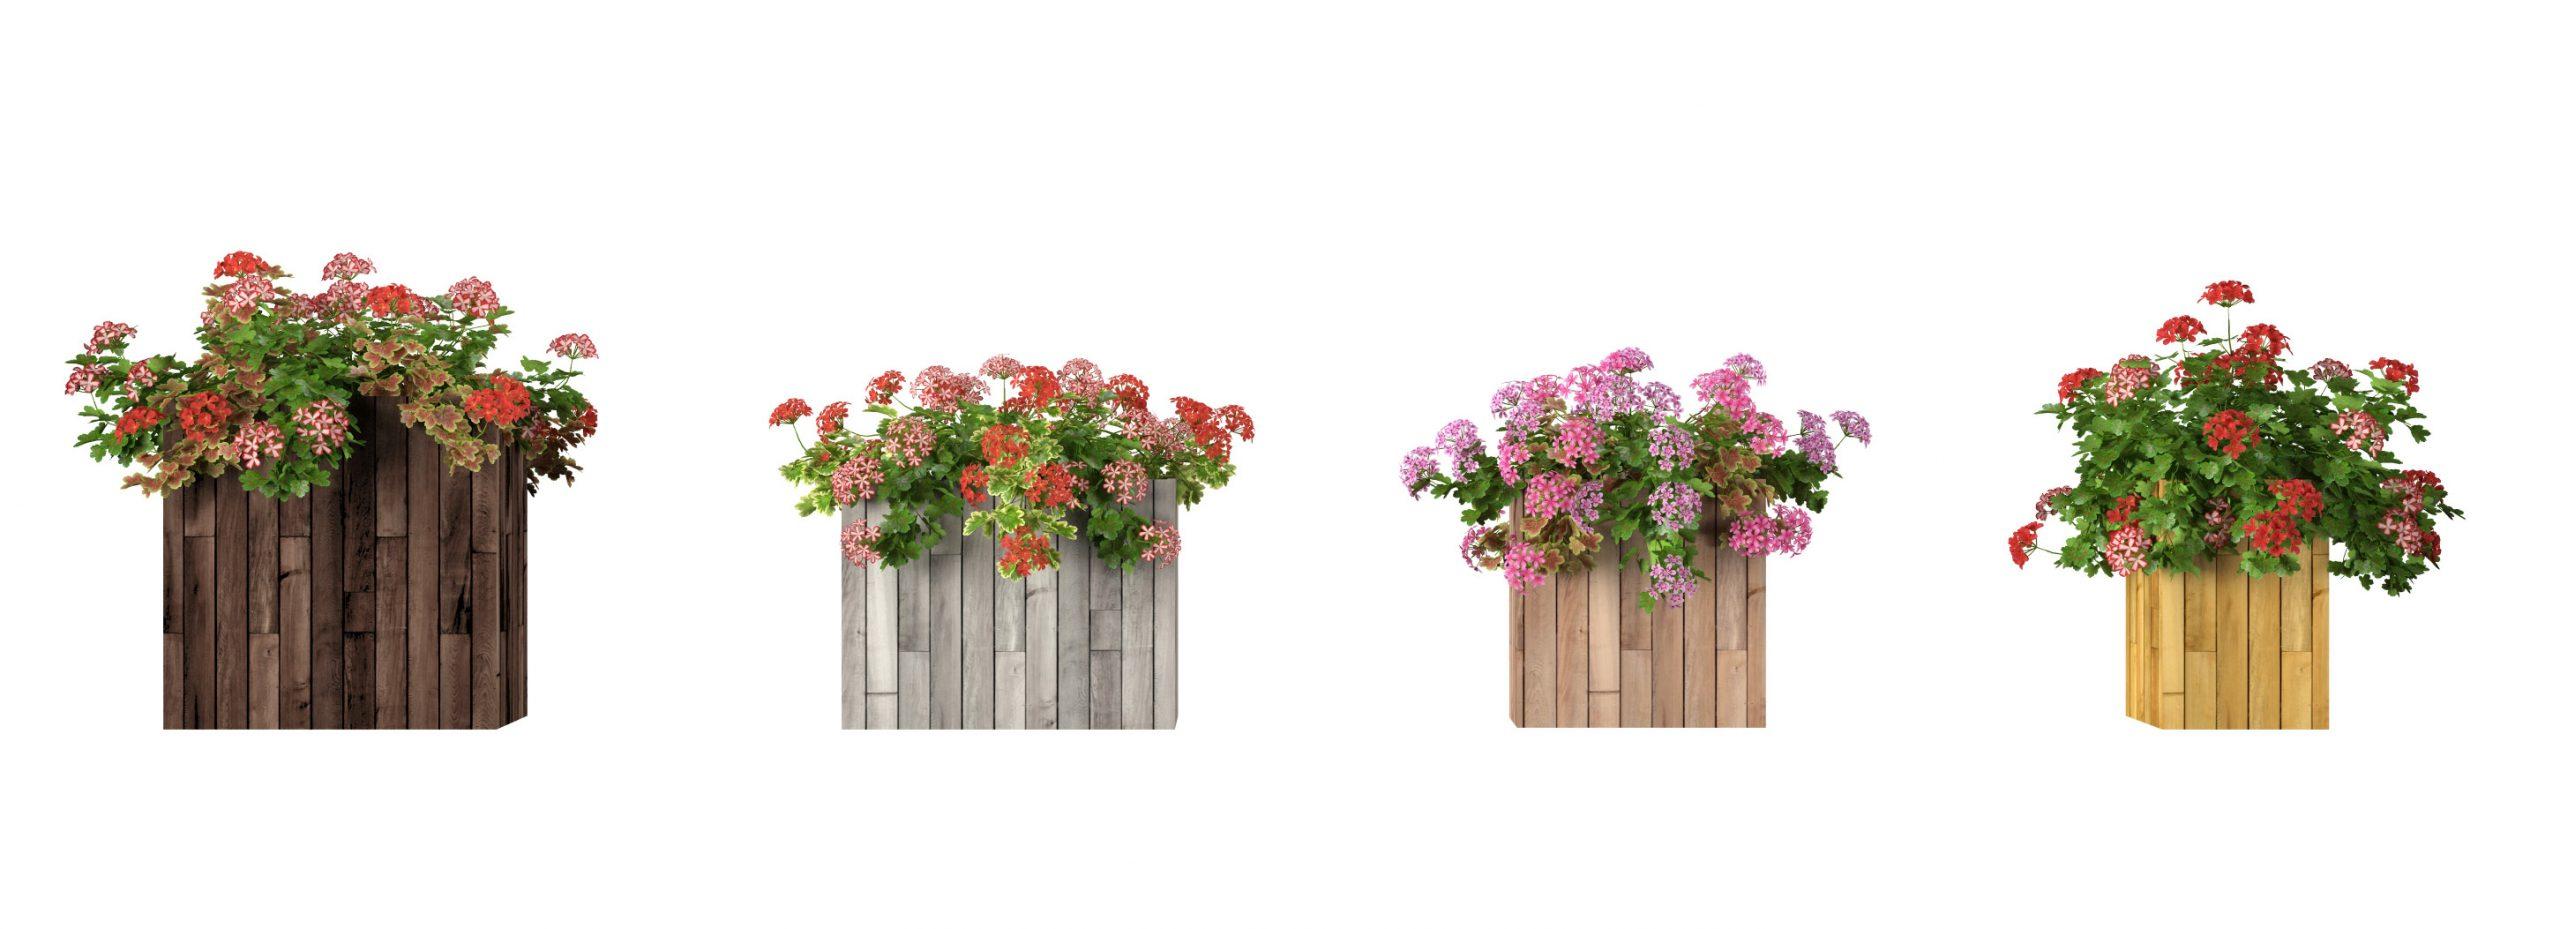 RANDOM MODELS – PRO MODELS 328 – FLOWER MODELS